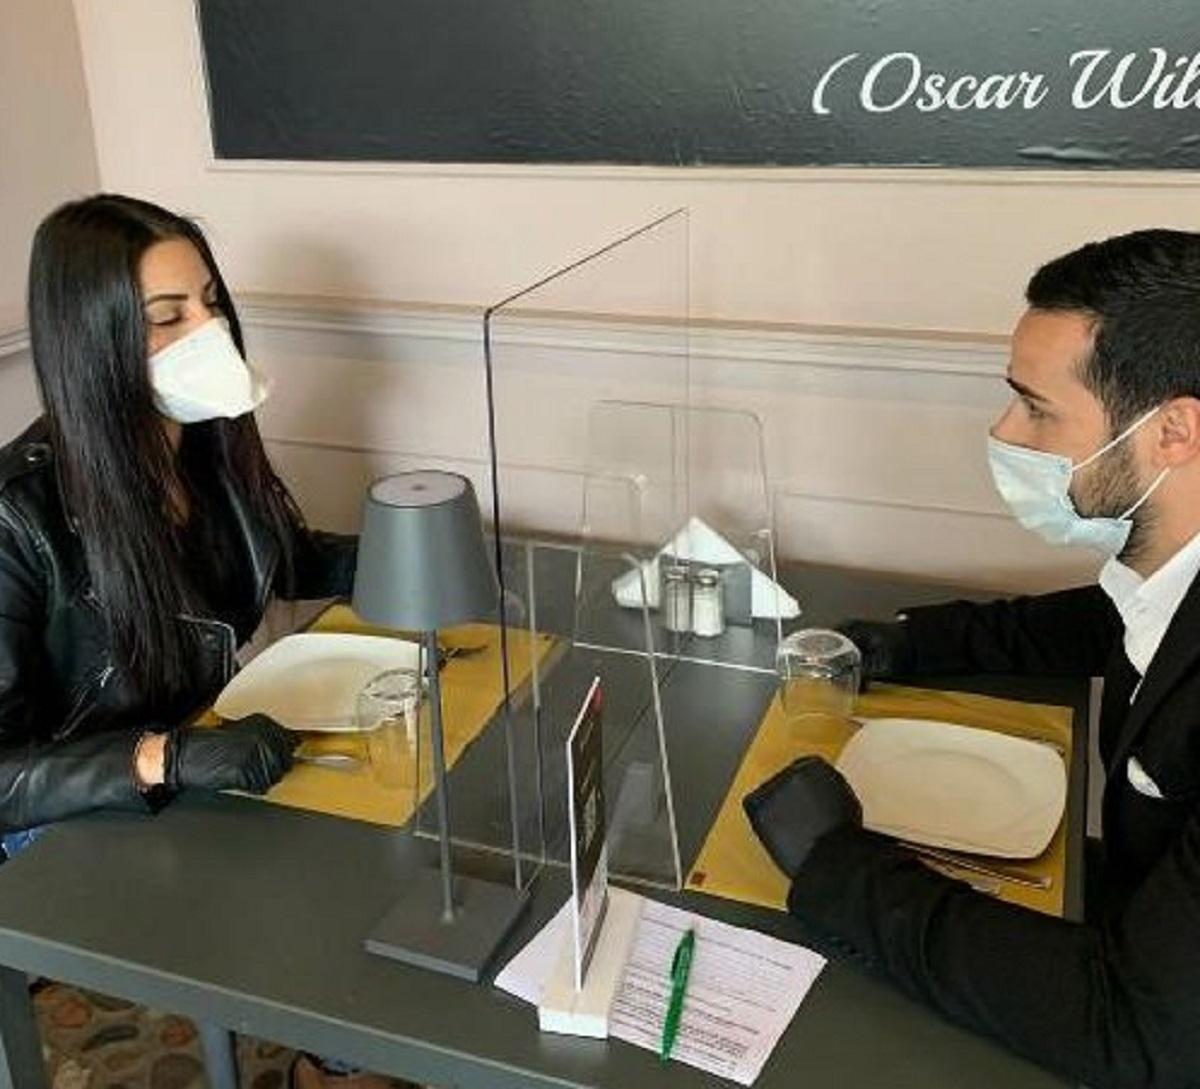 Covid ristoranti regole obbligo mascherina